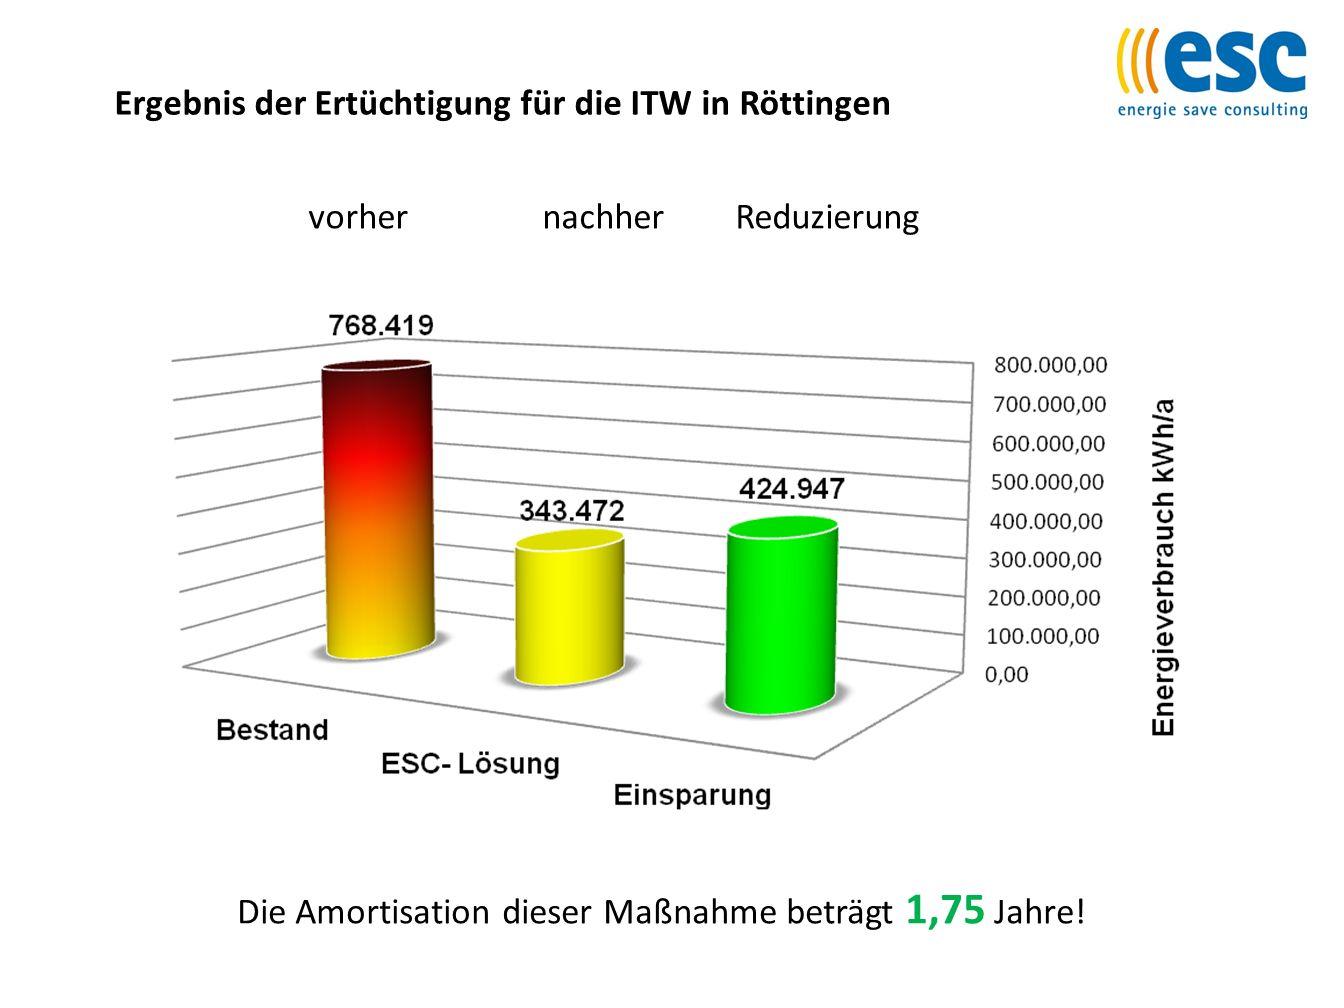 Ergebnis der Ertüchtigung für die ITW in Röttingen Die Umrüstung wird neben diesen unmittelbar messbaren Ergebnissen zusätzlichen Nutzen für die ITW im Bereich der Unterhaltungskosten, der Steigerung der Produktivität und der Verbesserung der Konzentration/Motivation der Mitarbeiter mit sich bringen.